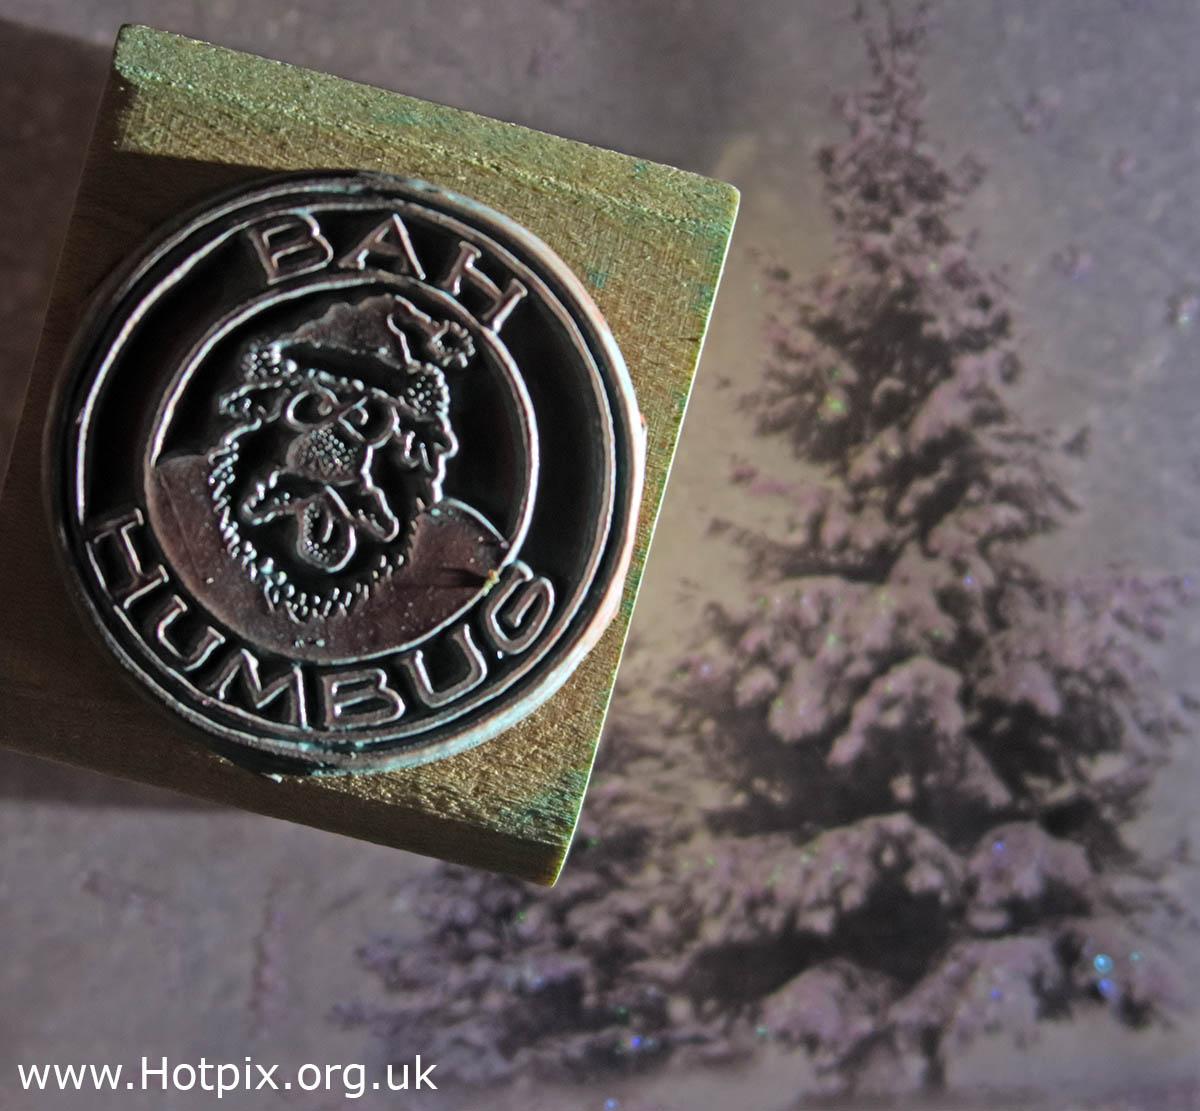 HousingITguy,Project365,2nd 365,HotpixUK365,Tone Smith,GoTonySmith,365,2365 one a day,Tony Smith,Hotpix,Christmas,Stamp,Bah Humbug